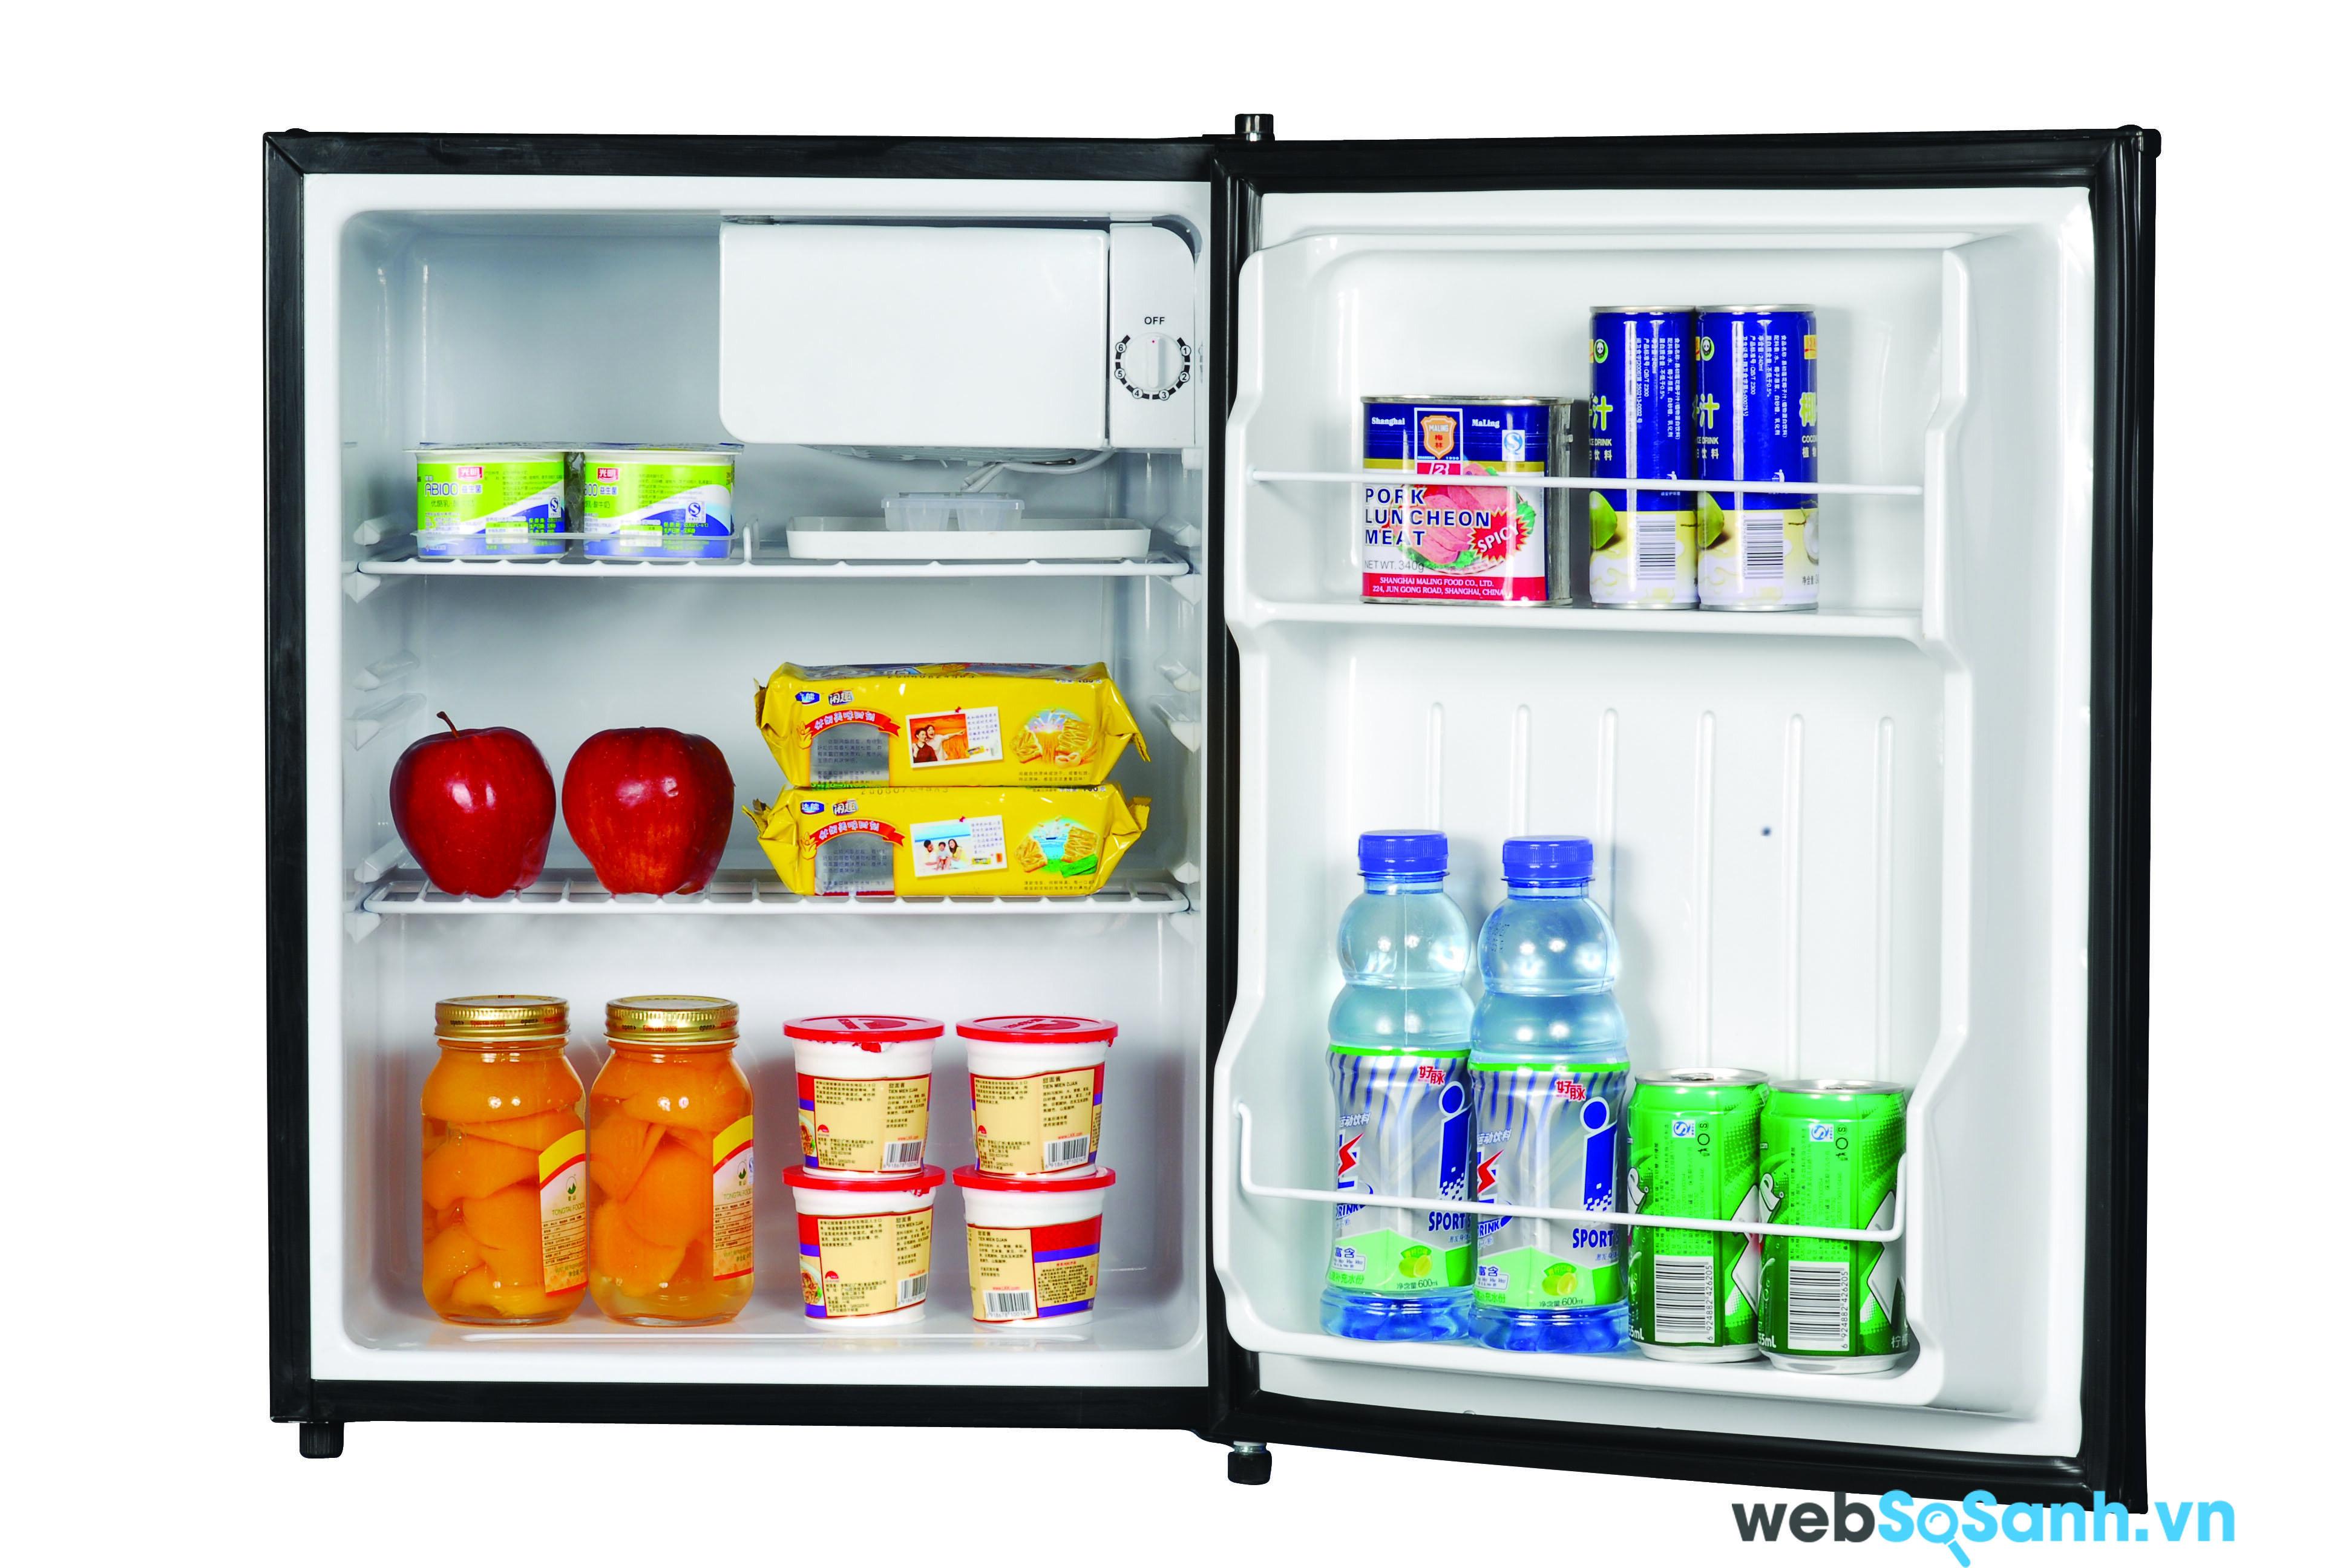 Nên kiểm tra kĩ càng trước khi mua tủ lạnh